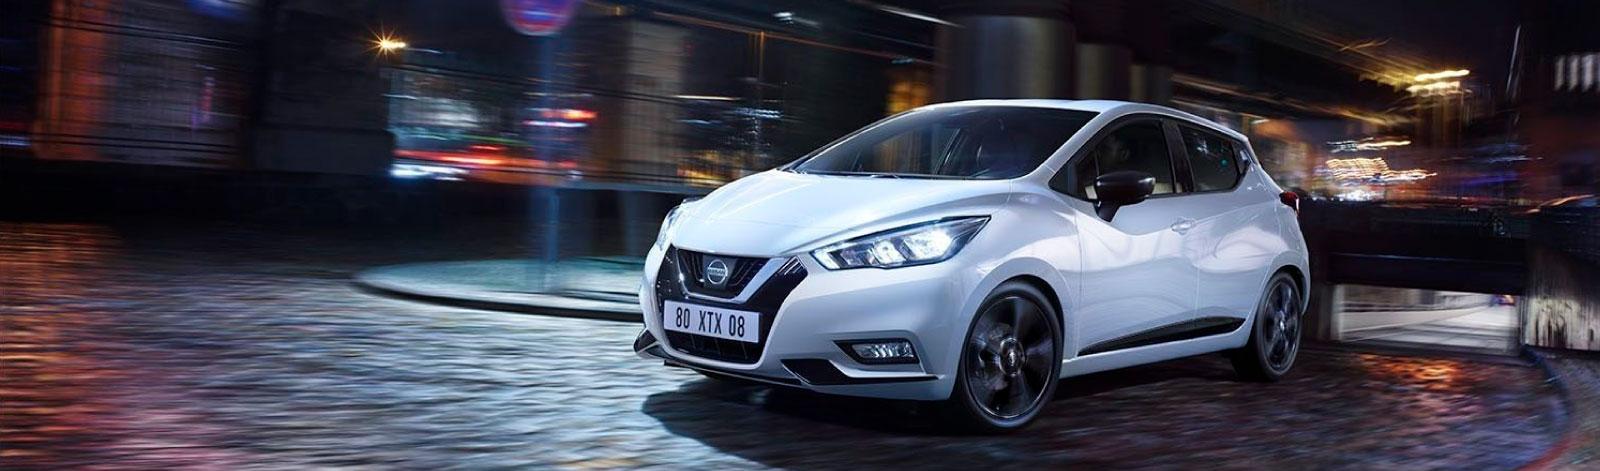 destaque do Nissan Micra